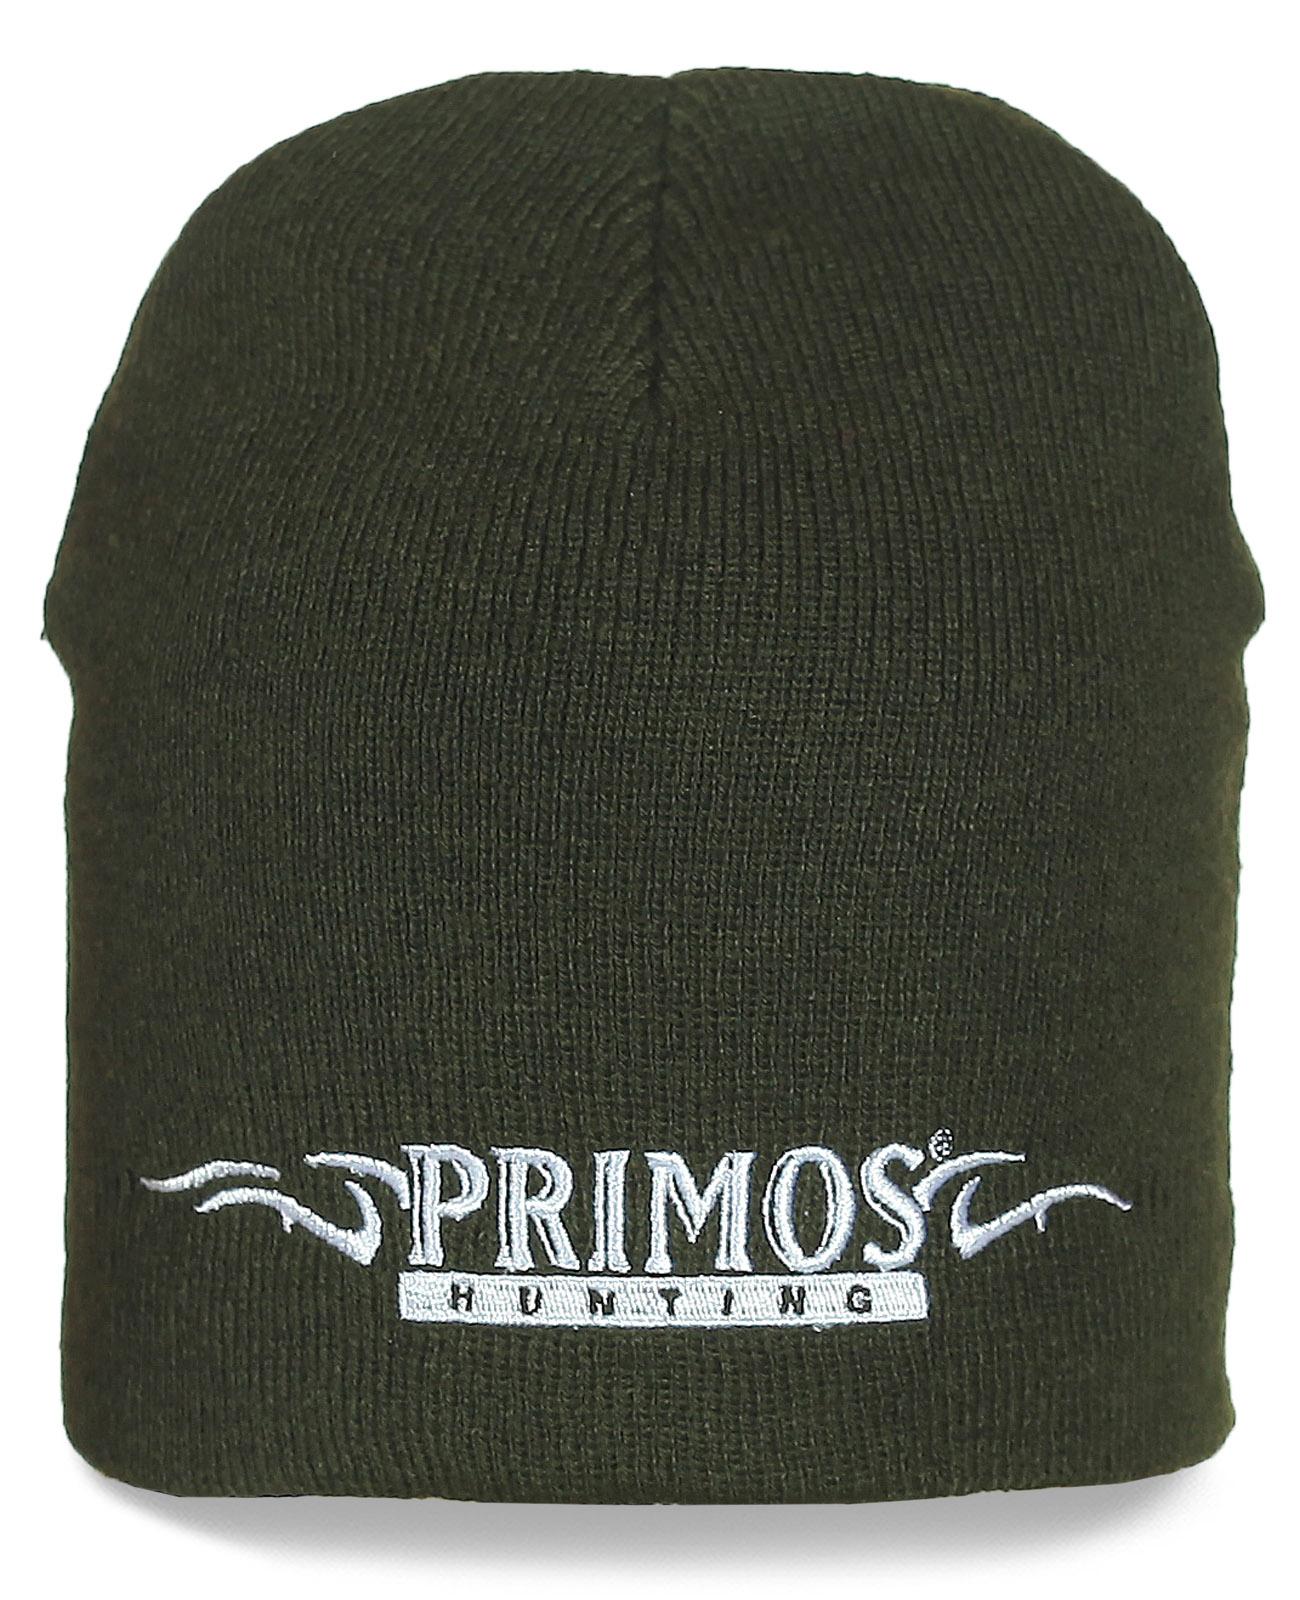 Стильная шапка Primos Hunting. Качественная повседневная модель